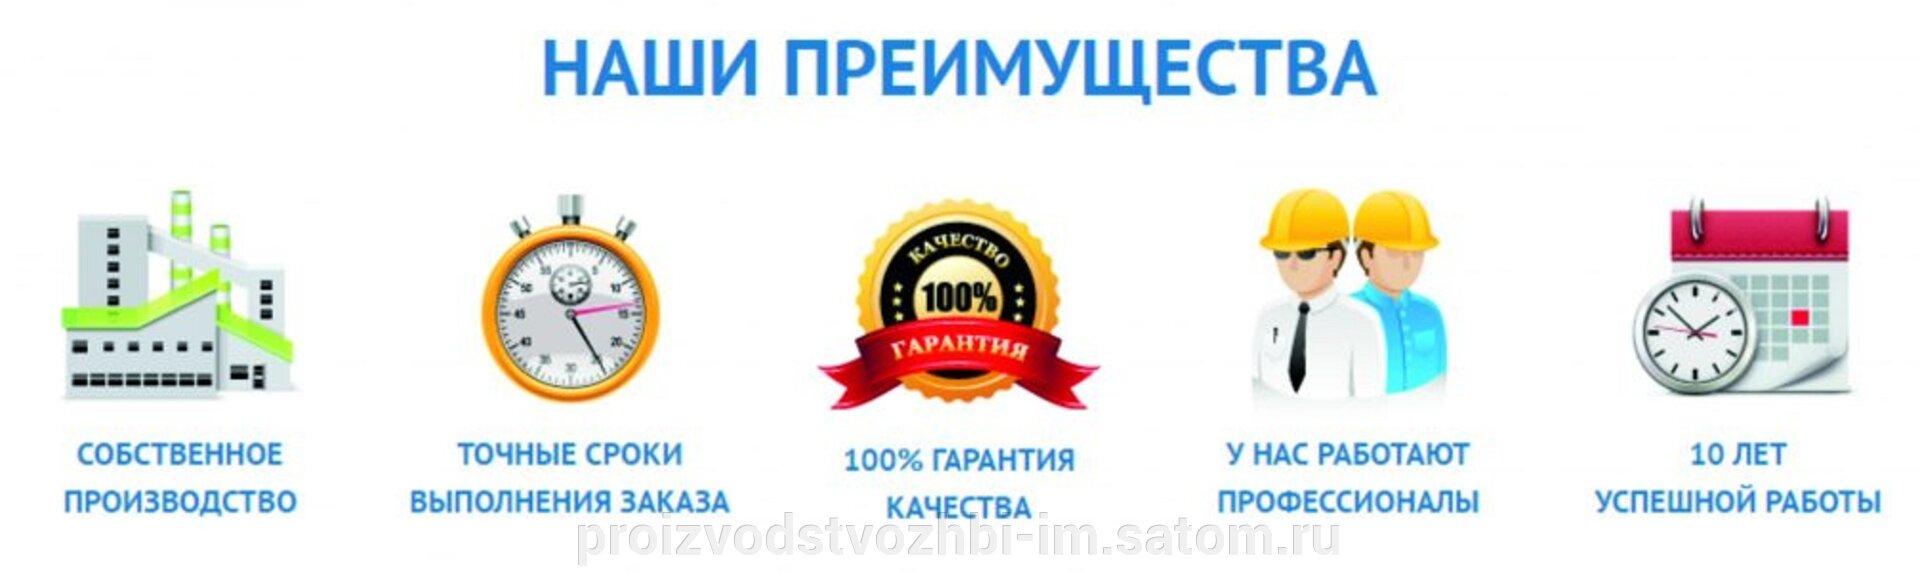 Плиты лотков - фото pic_fab99b26cfd13f19f4b2f096da466934_1920x9000_1.jpg